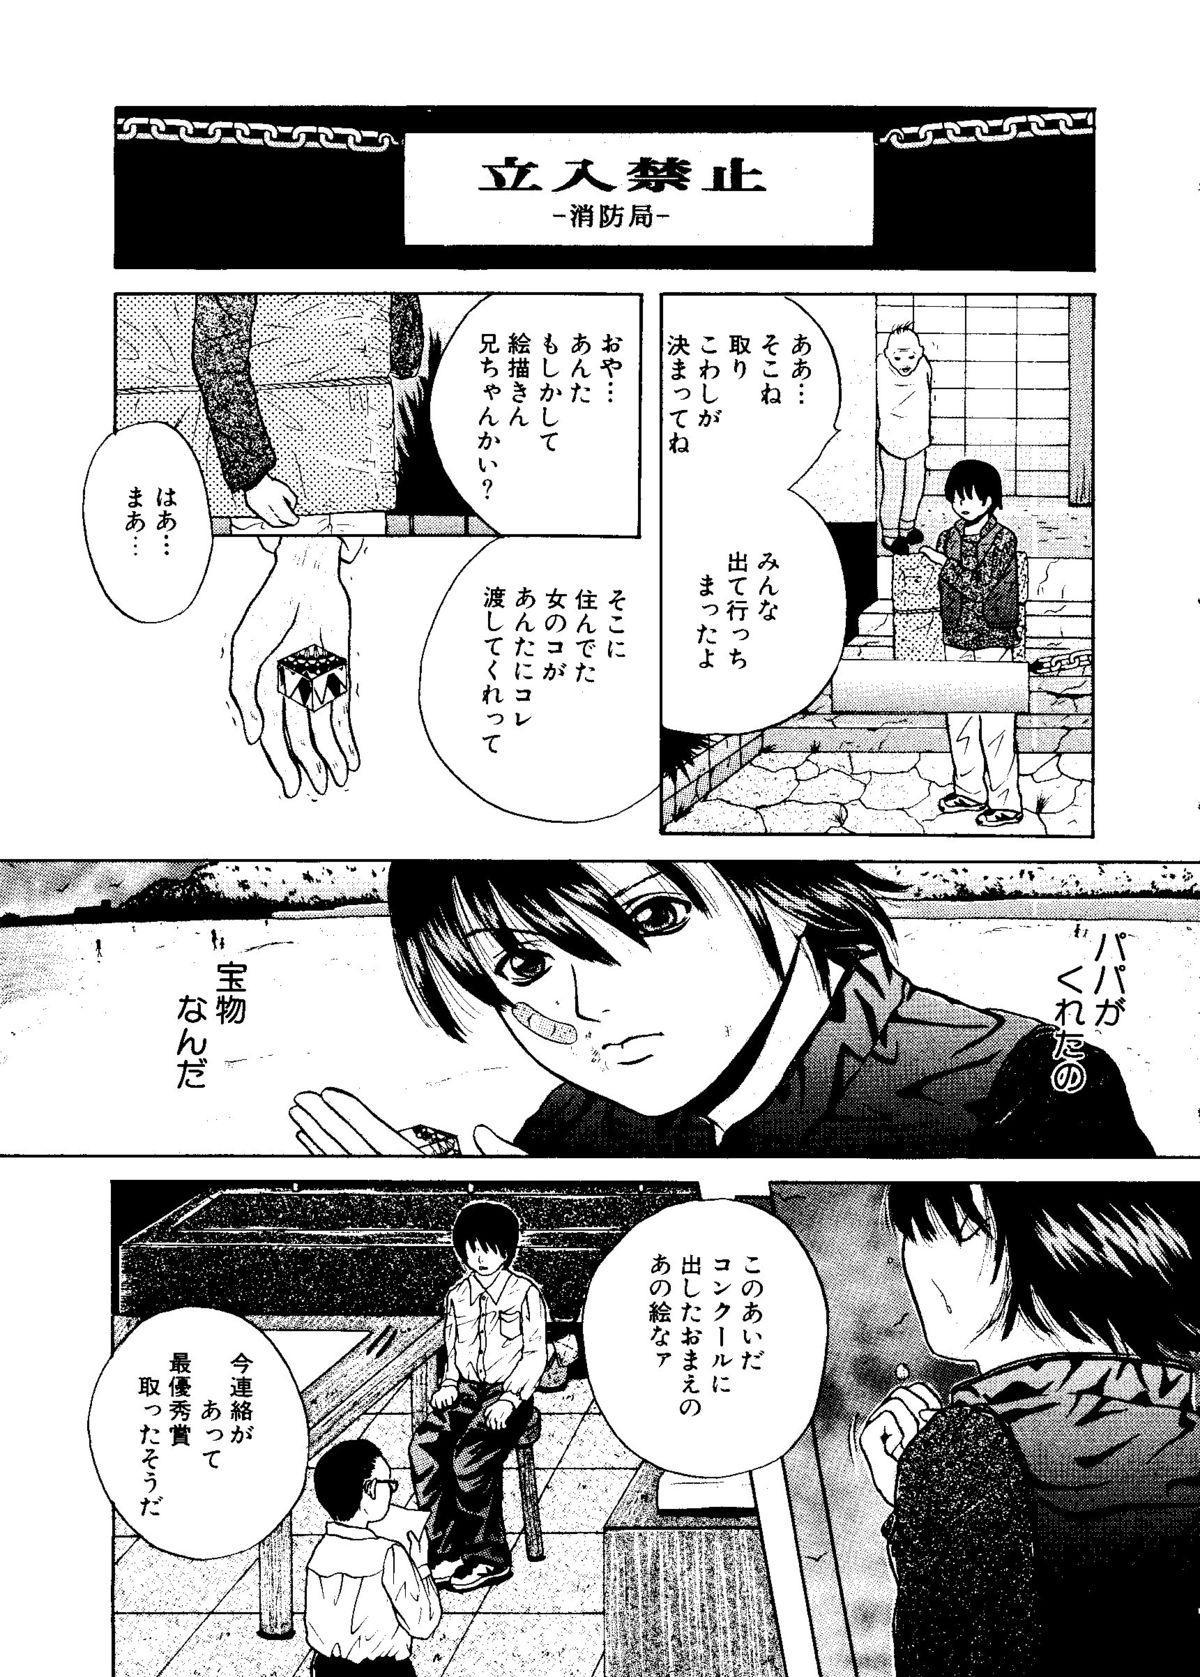 Mujirushi Youhin Vol. 7 39